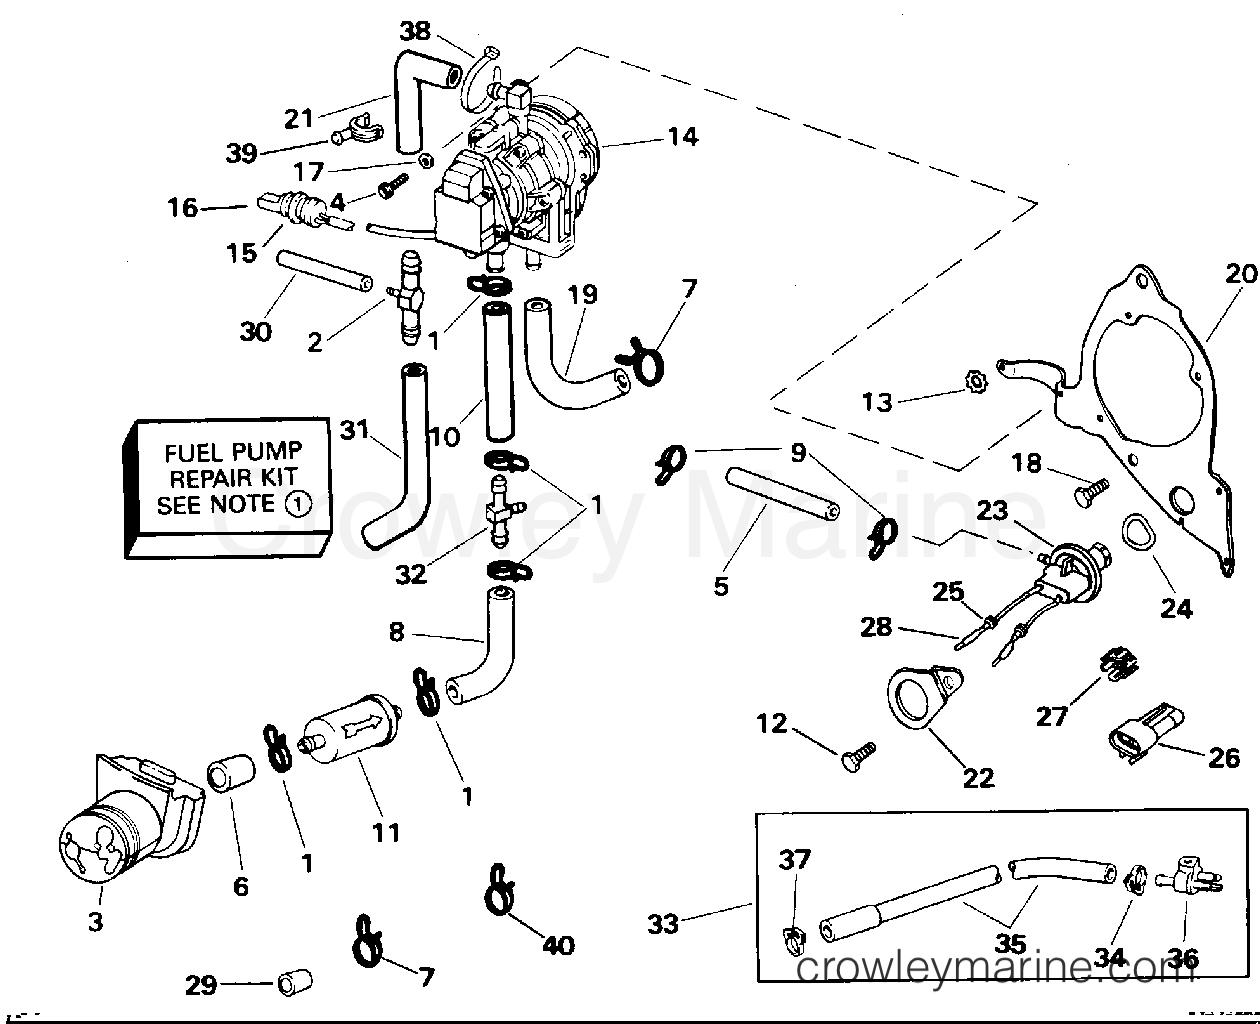 evinrude outboard motors fuel pump diagram